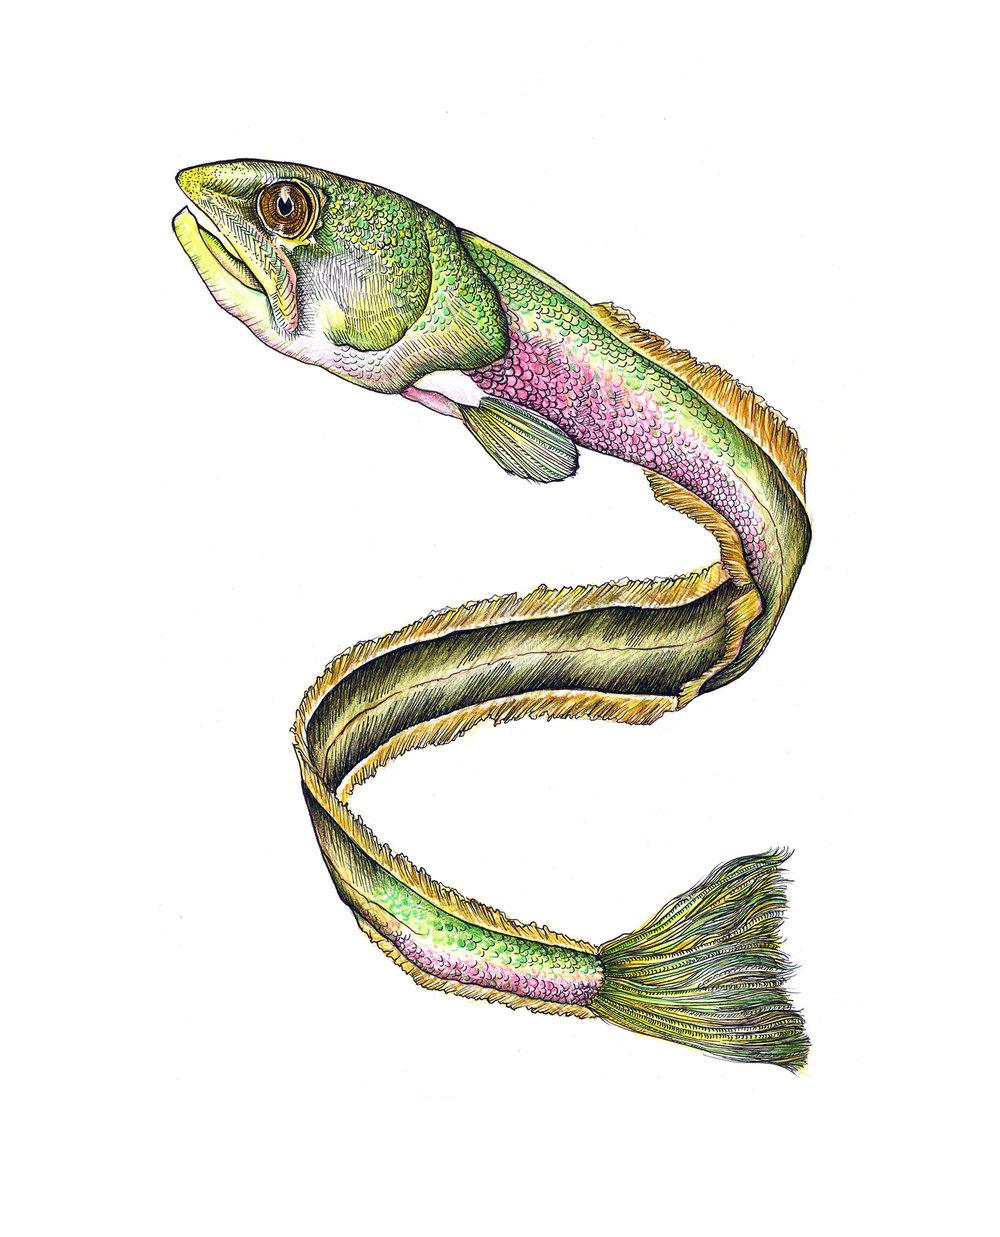 Eel Salmon